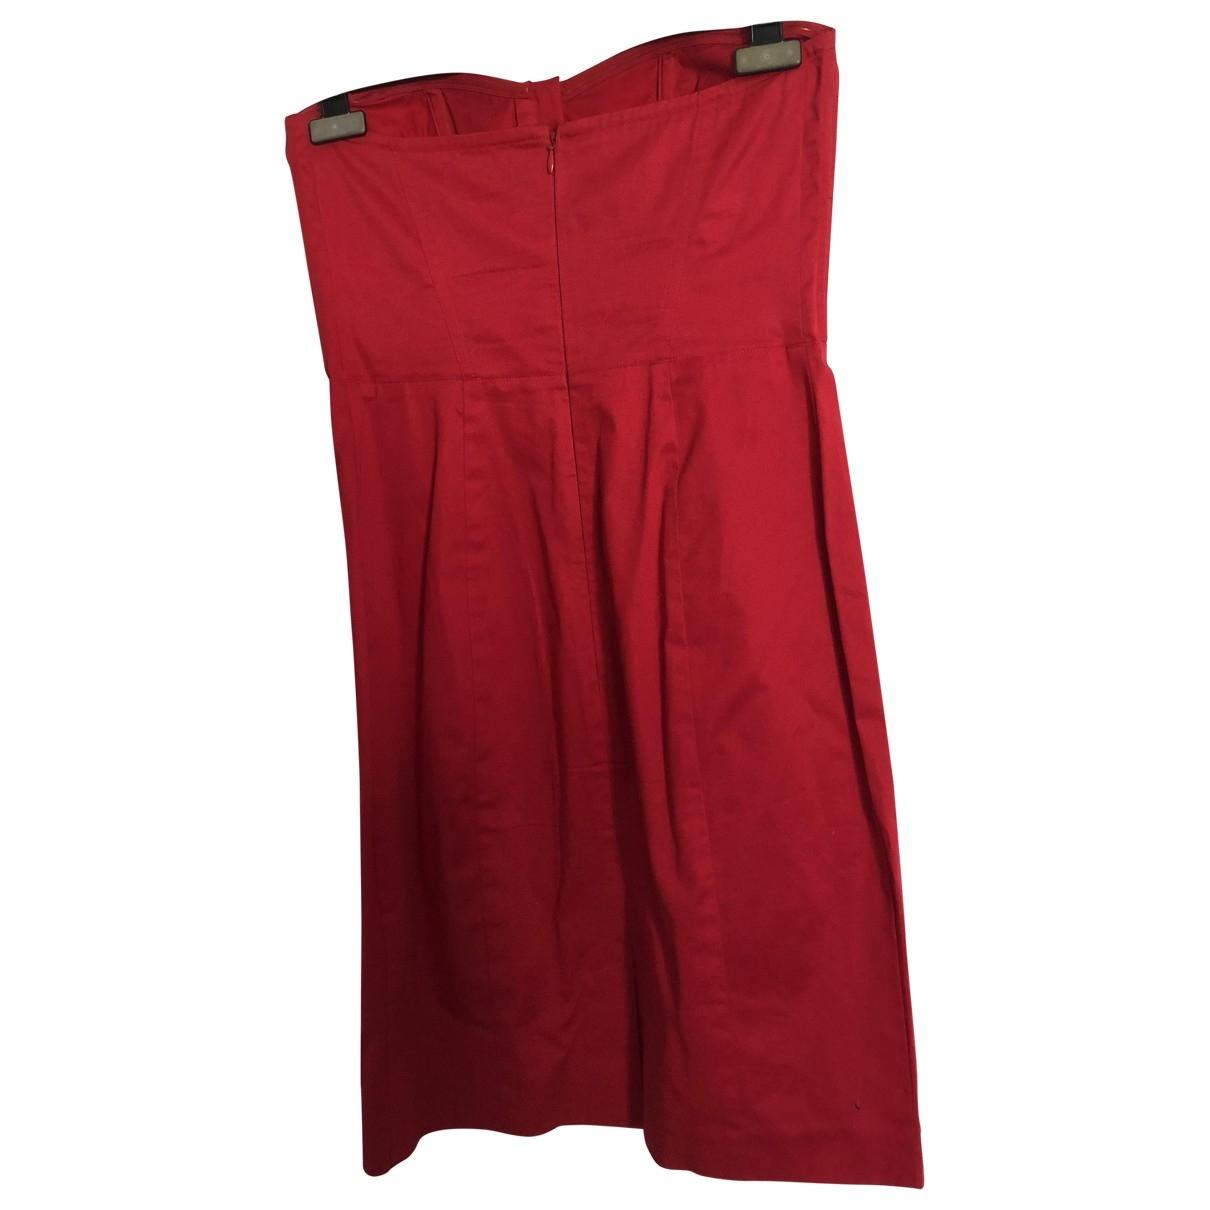 Tommy Hilfiger \N Kleid in  Rot Baumwolle - Elasthan